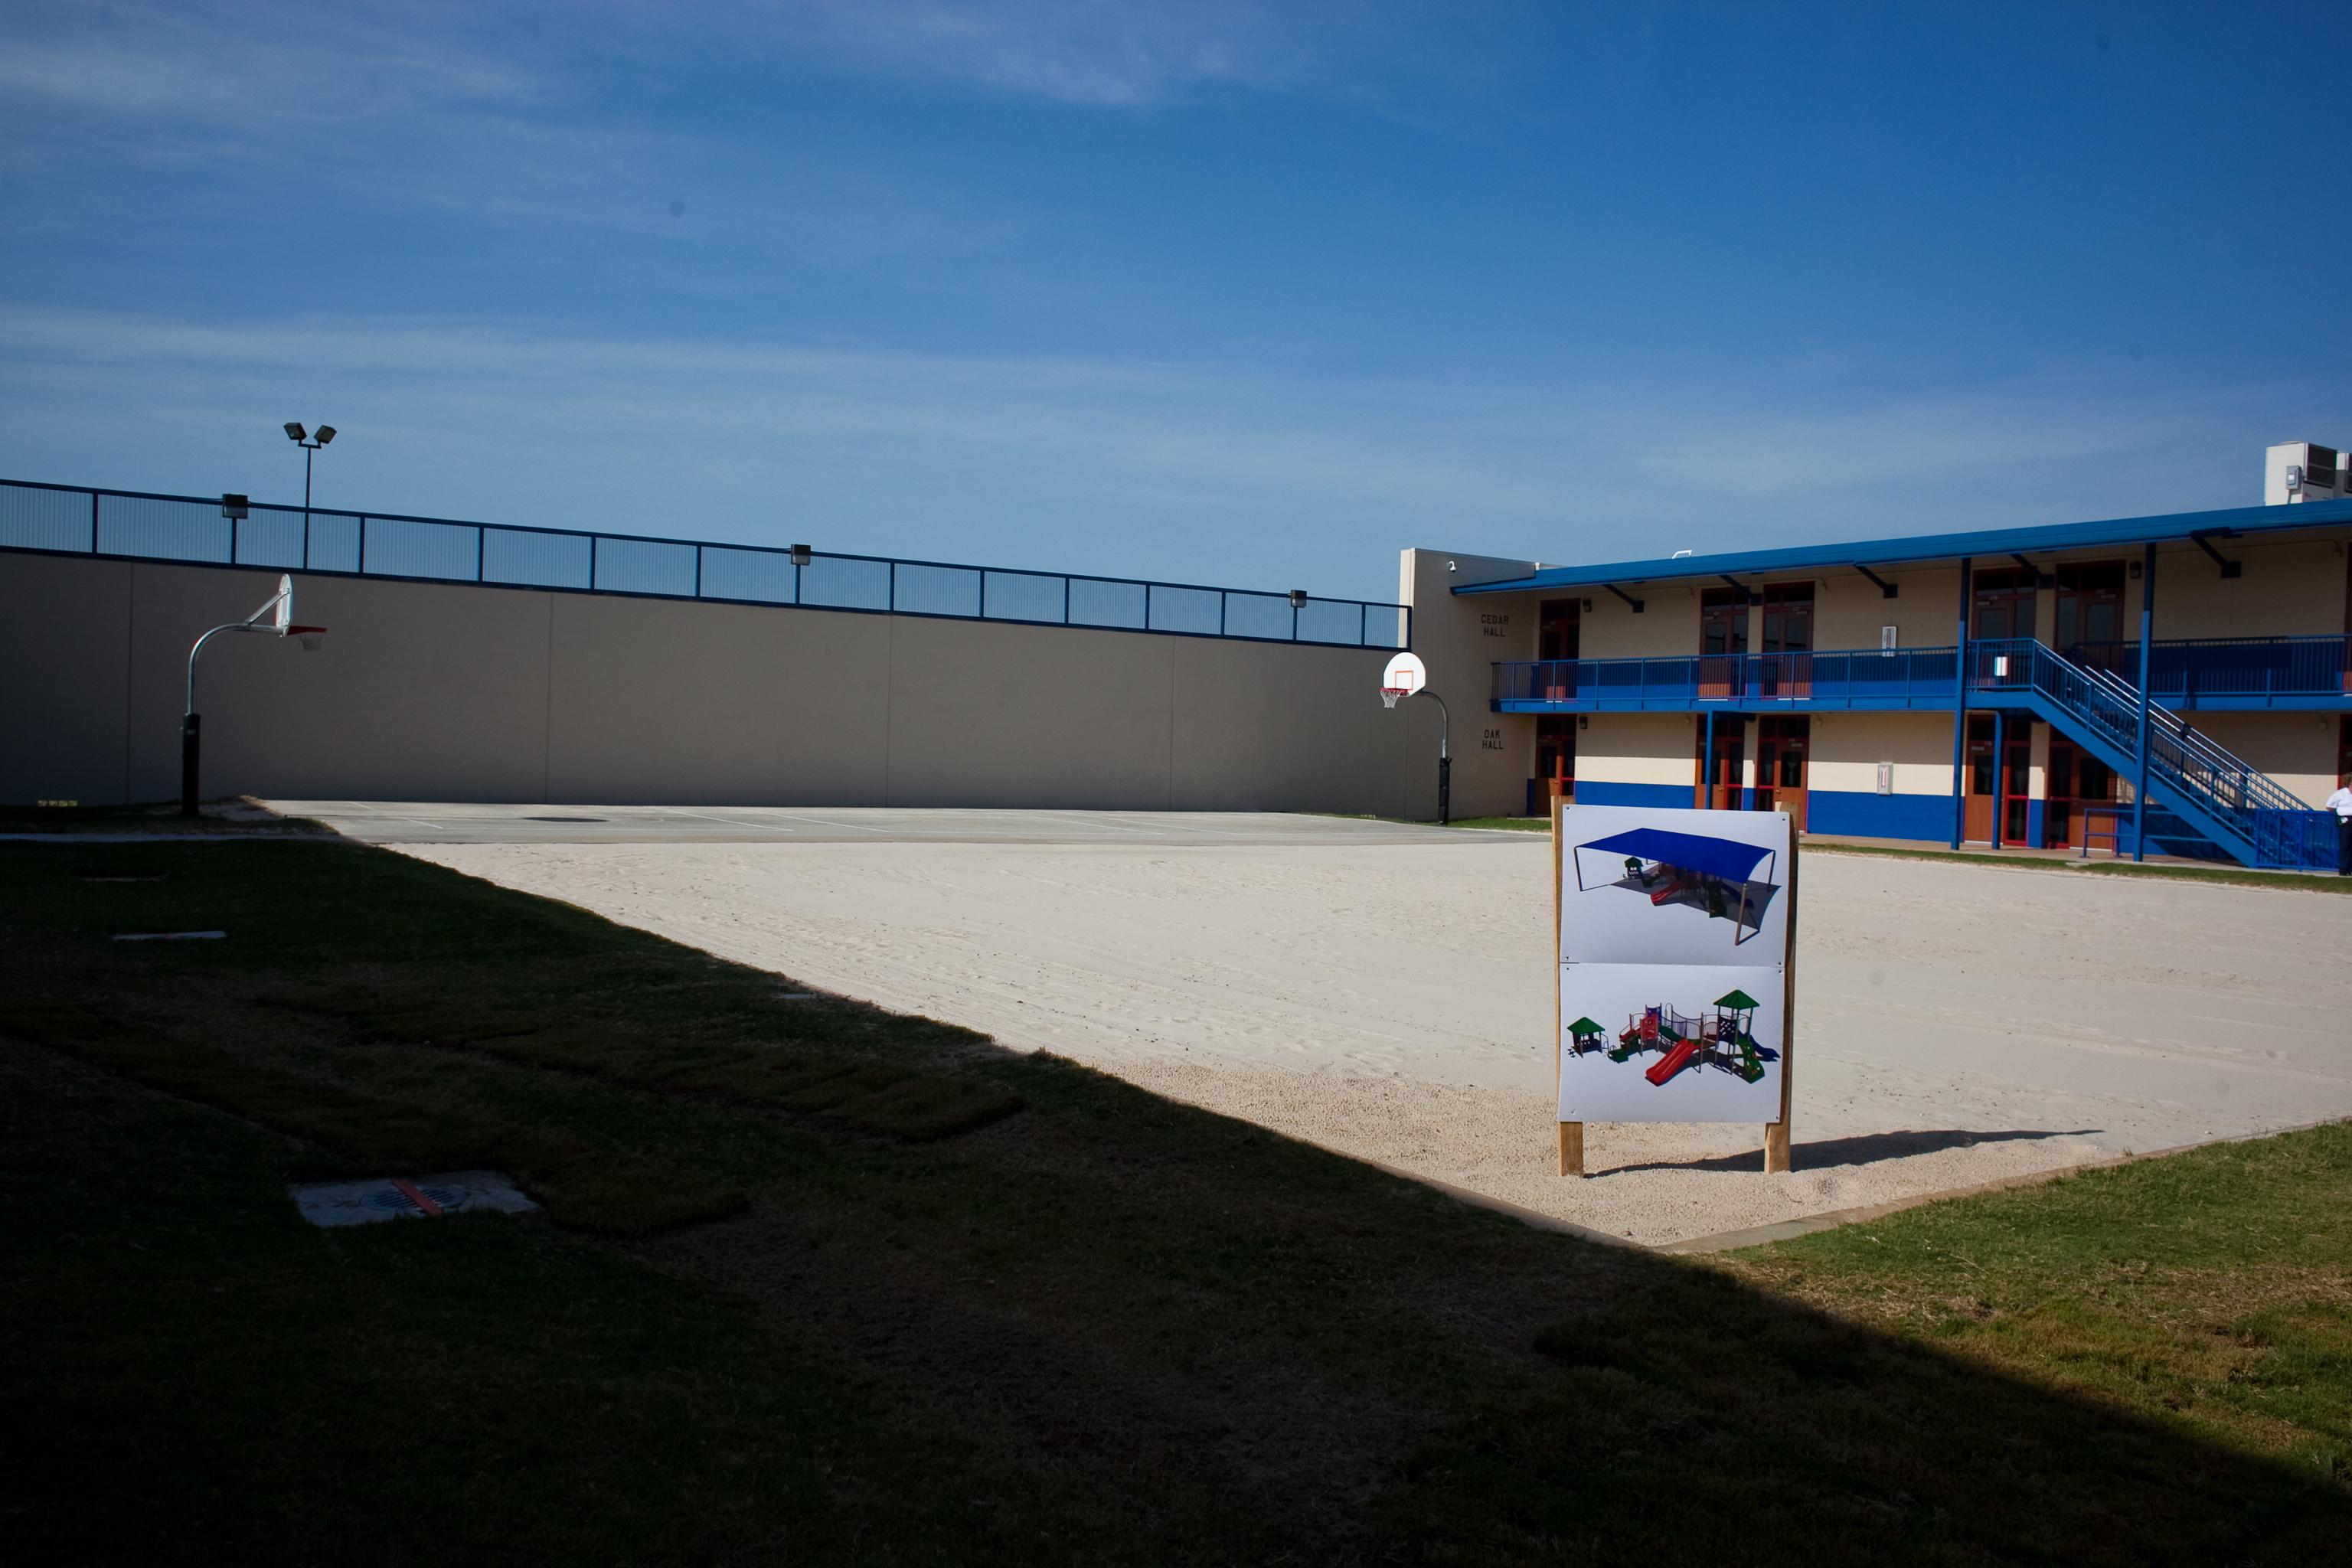 Karnes City Residential Center